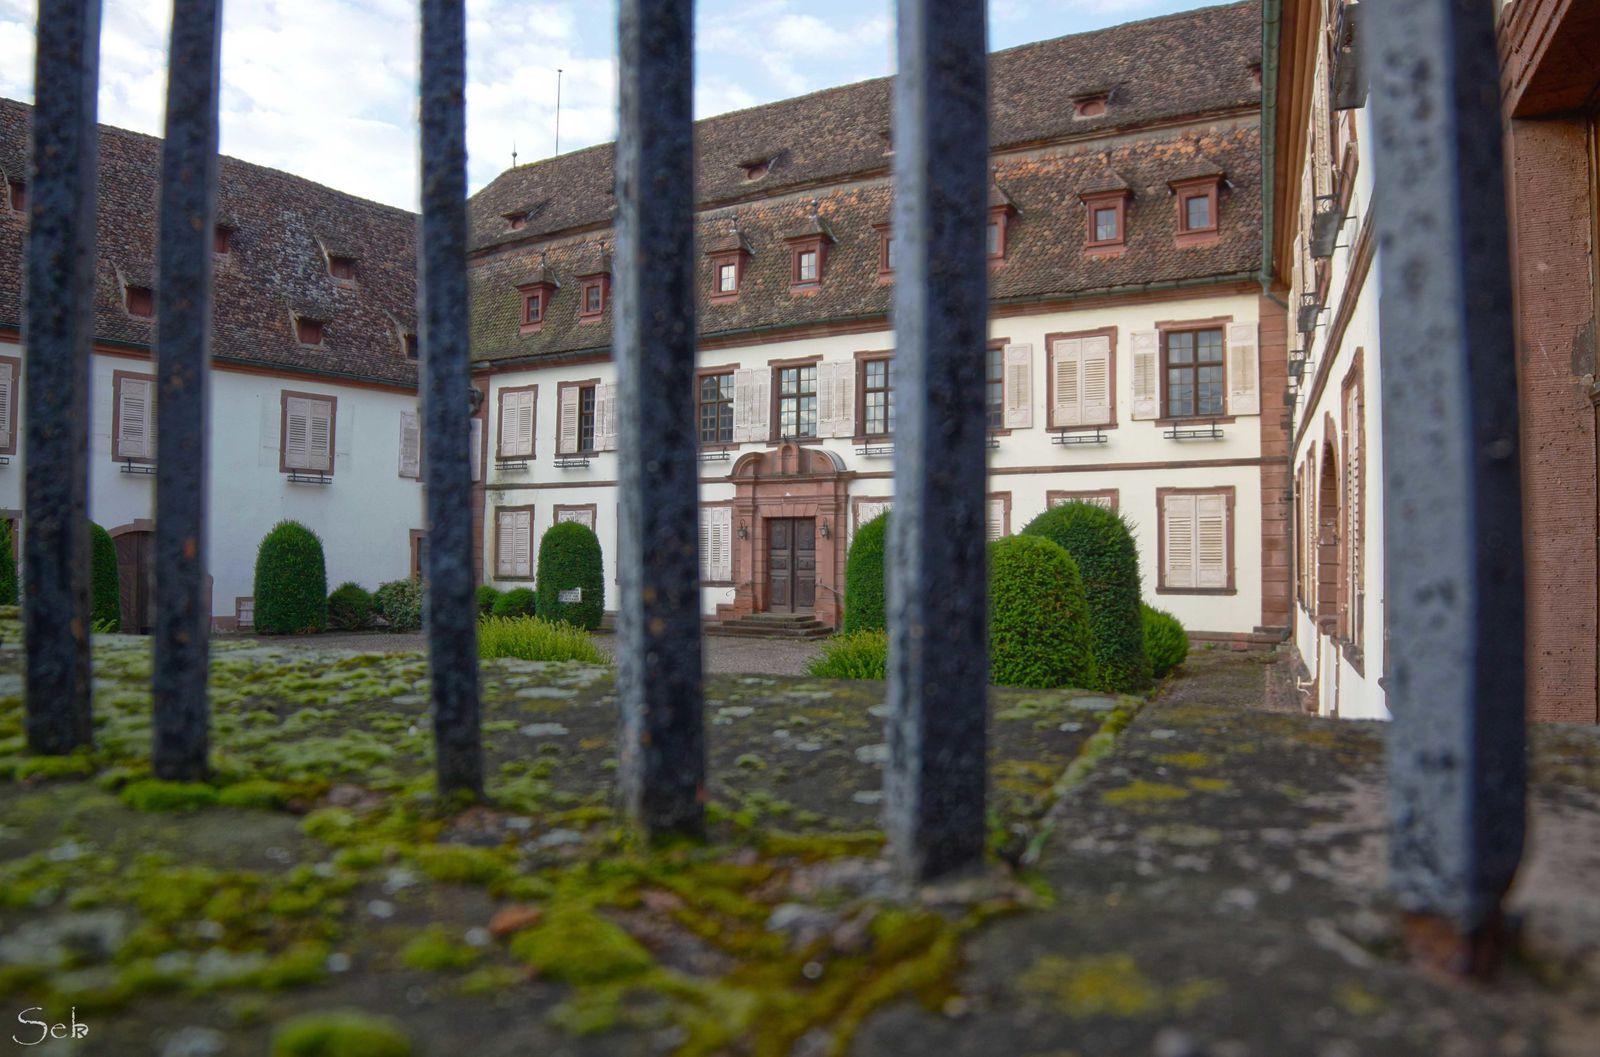 Vue du Palais Stanislas à travers les barreaux.